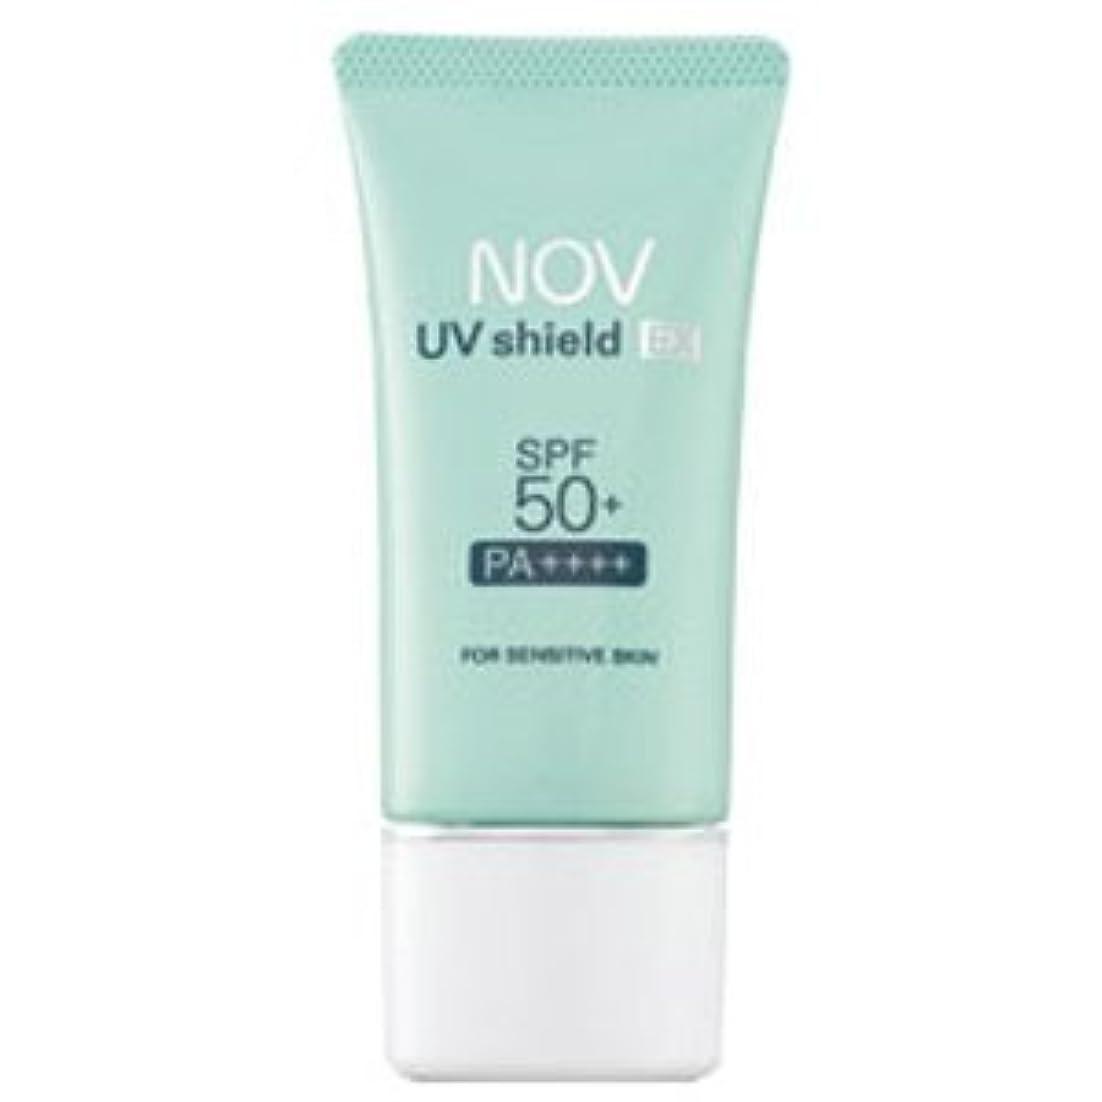 力強い逆適合するノブ NOV UVシールドEX SPF50+ PA++++ 30g